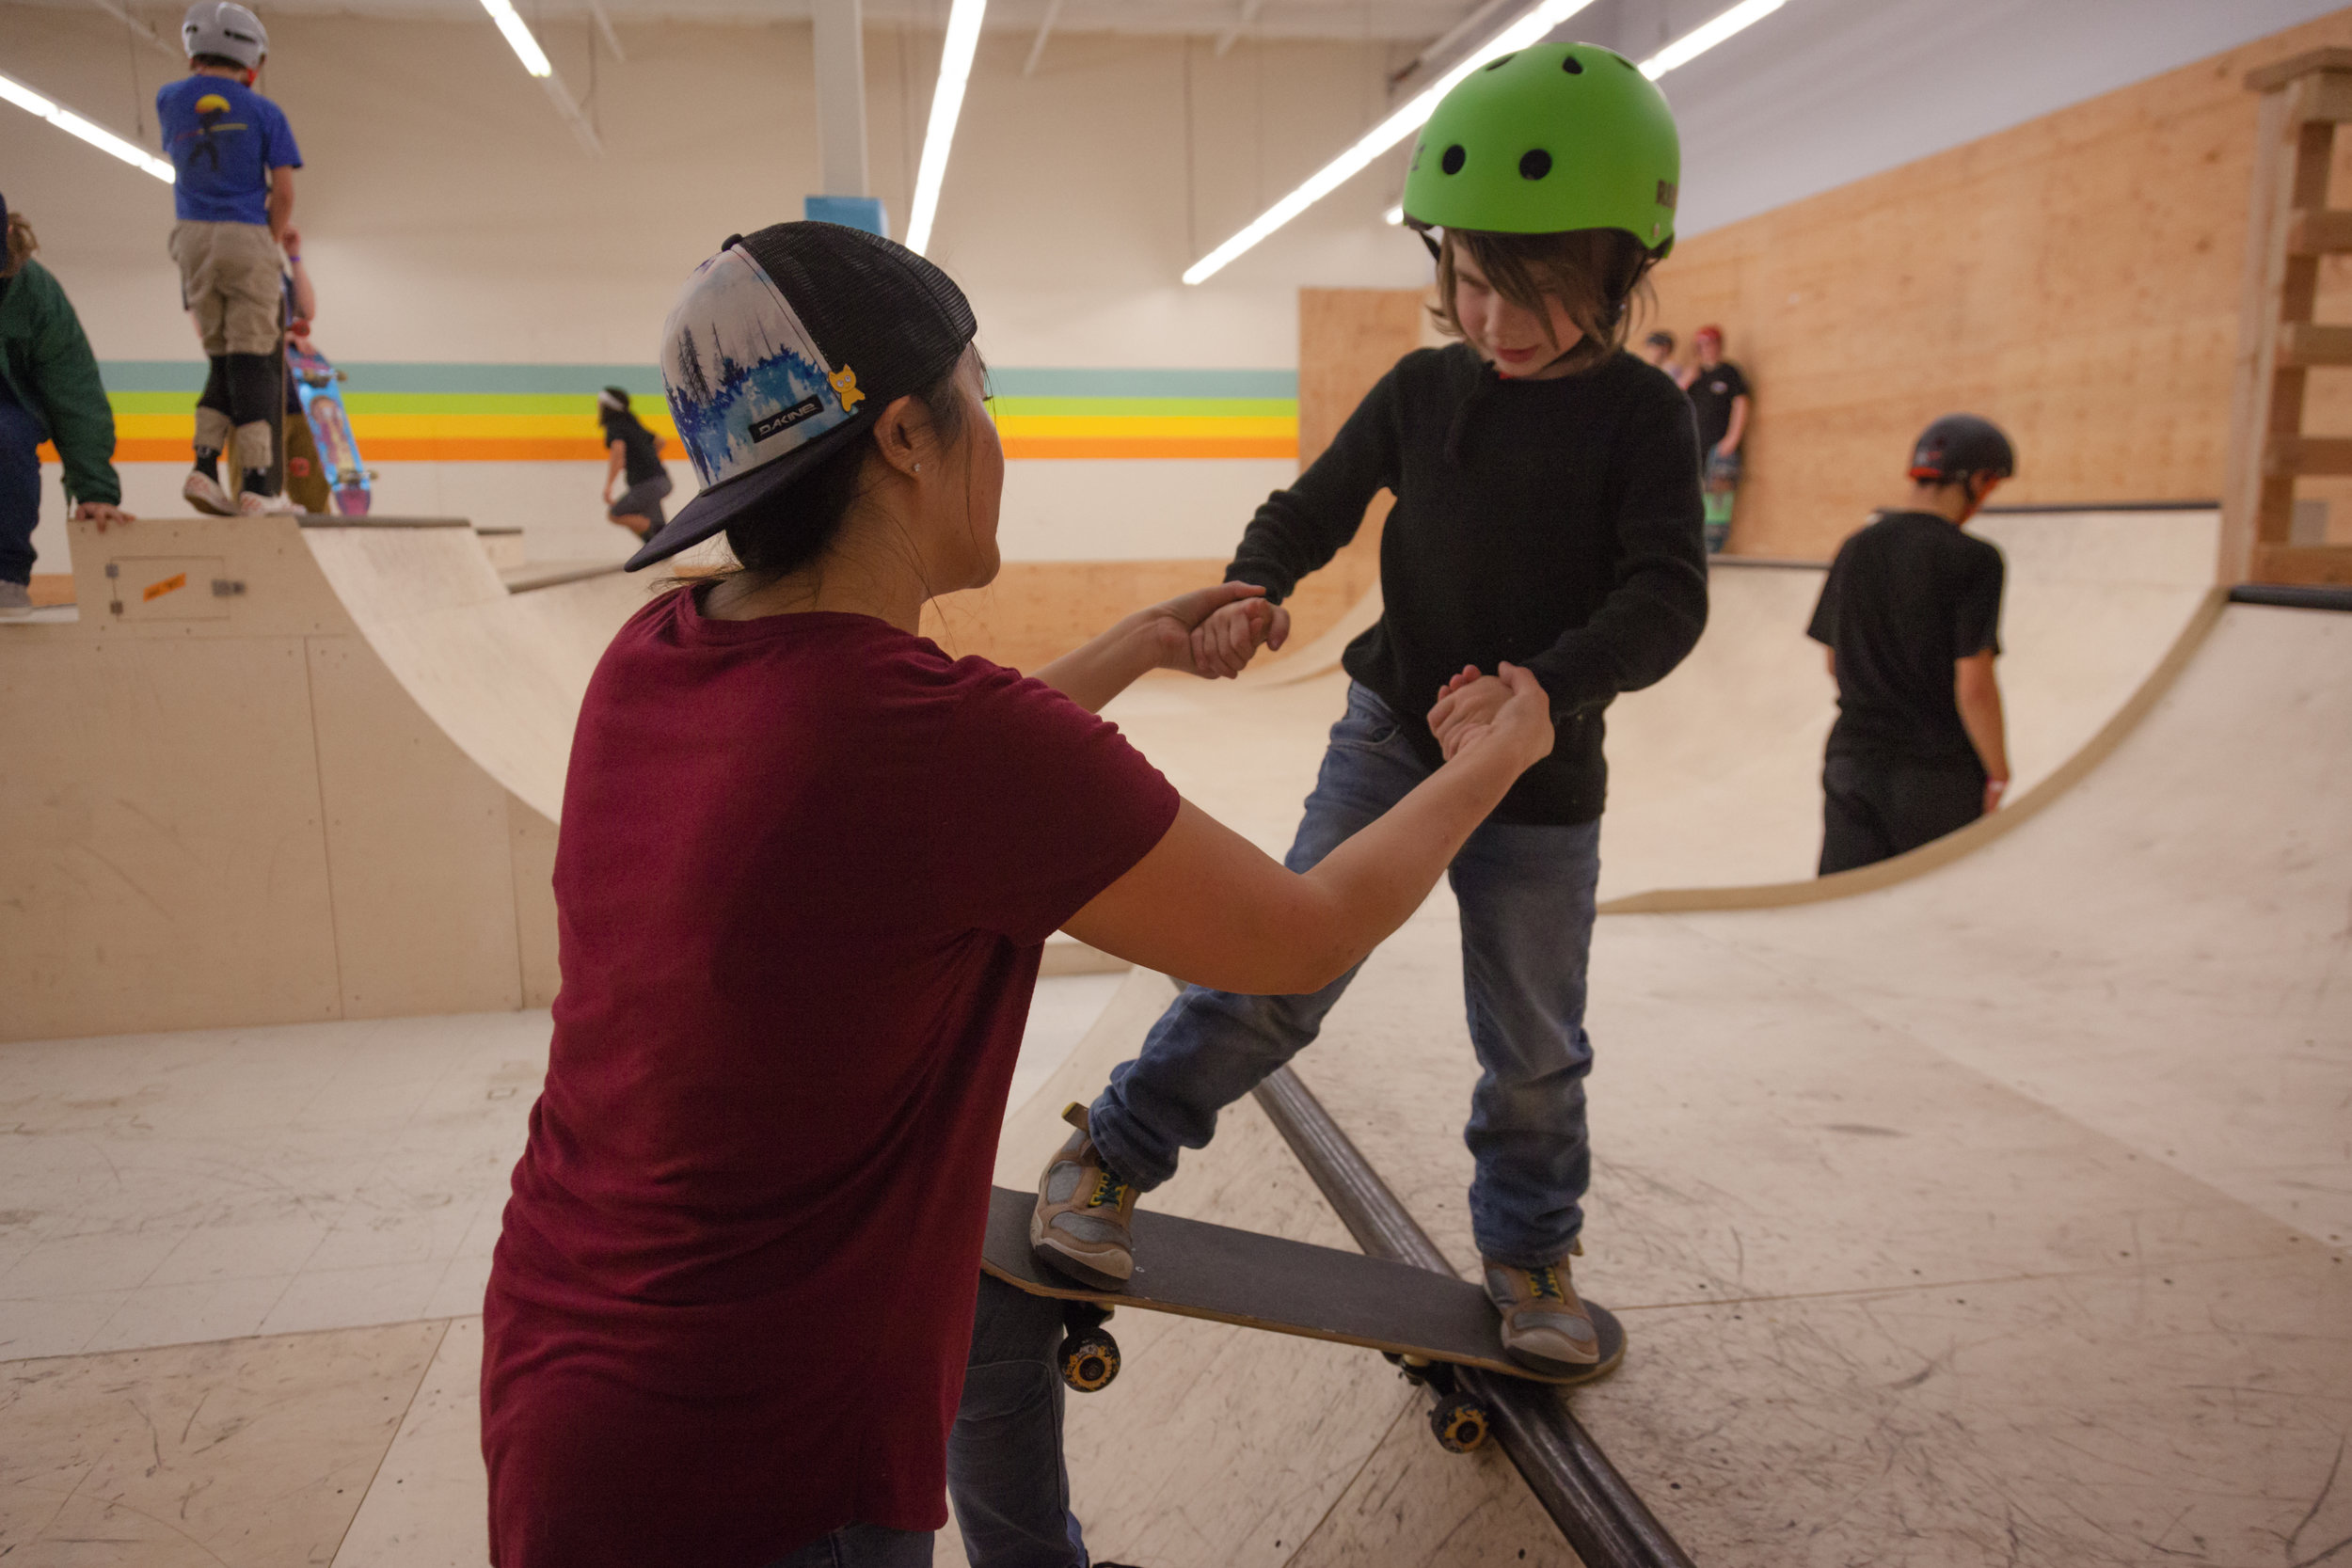 Skatepark Photos 4-19-1715 (1).jpg